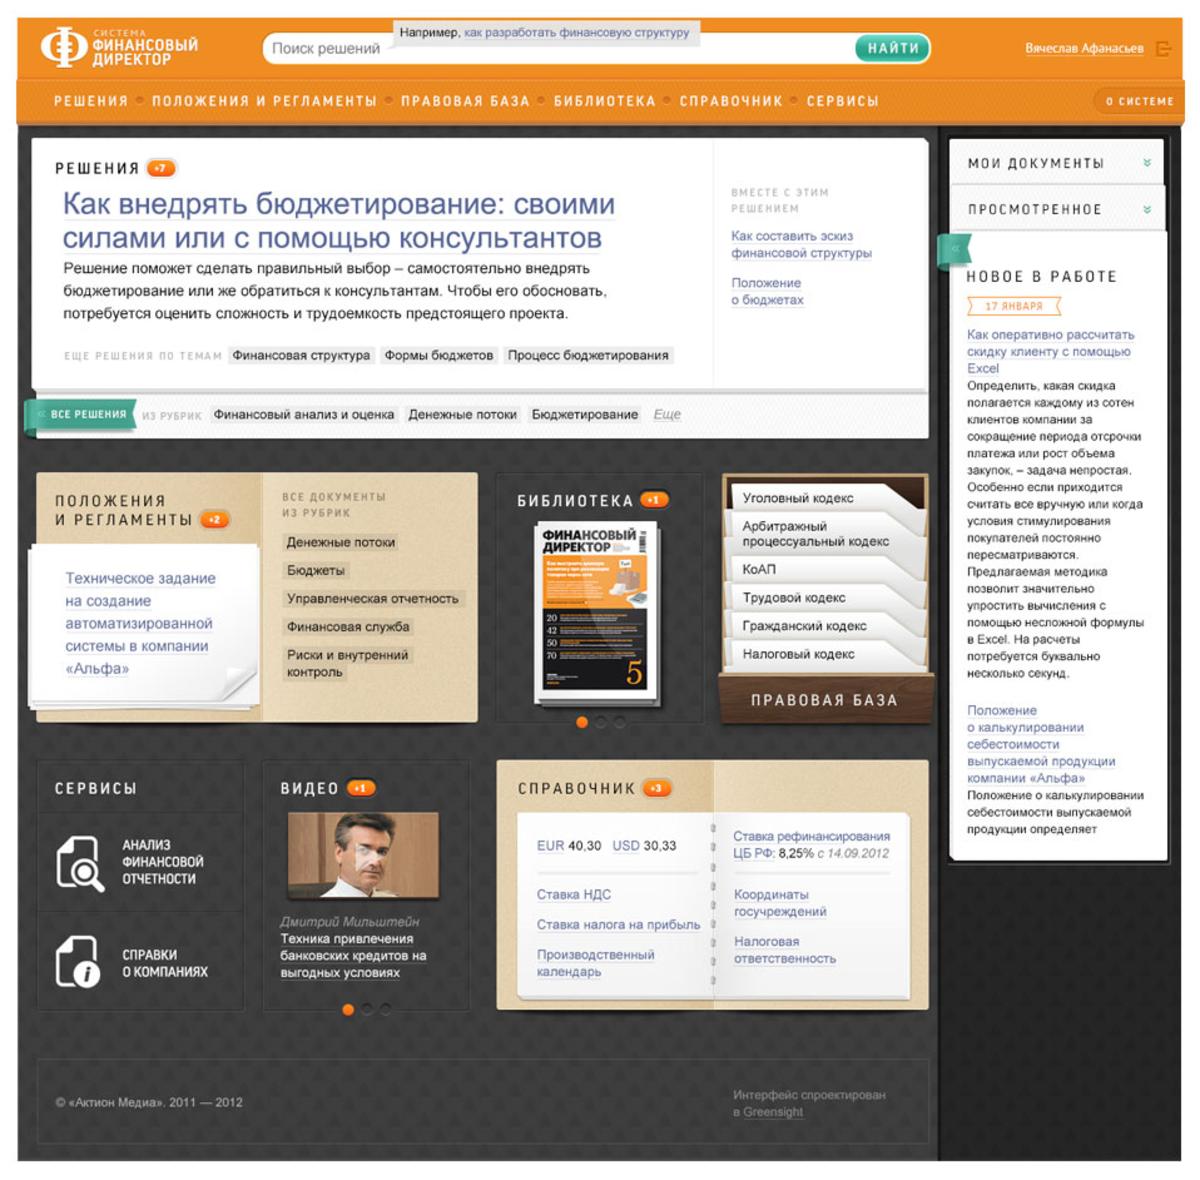 Интерфейс Системы Финансовый директор / Проект компании Greensight